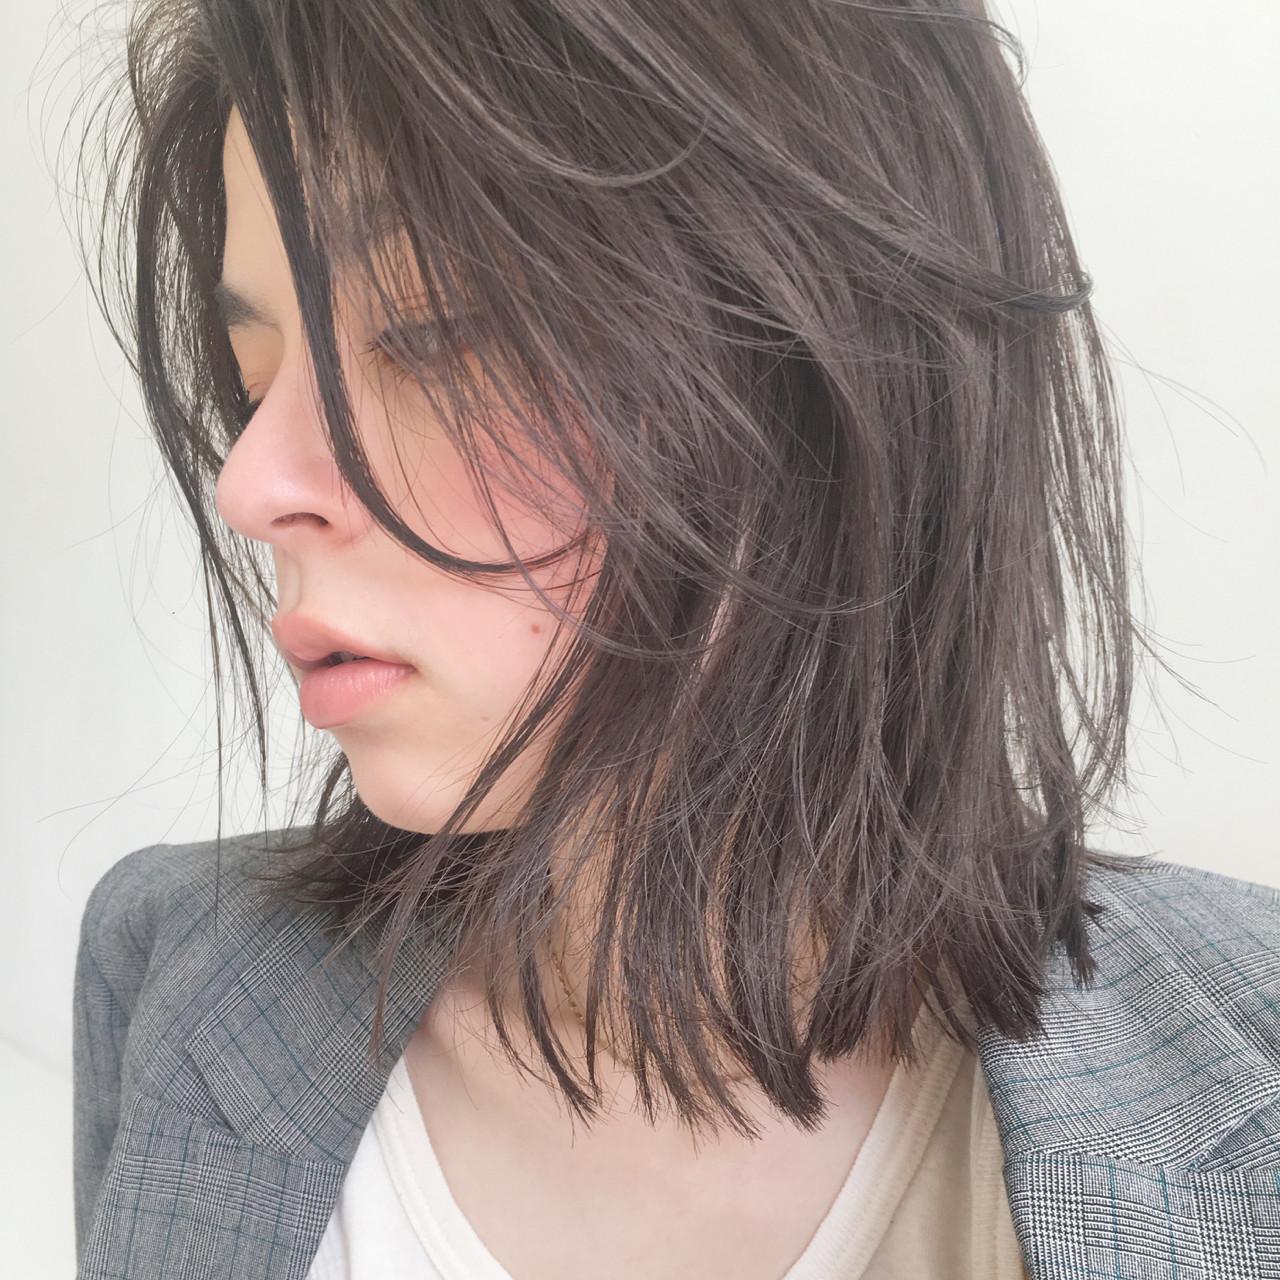 モード ロブ ミディアム 透明感 ヘアスタイルや髪型の写真・画像